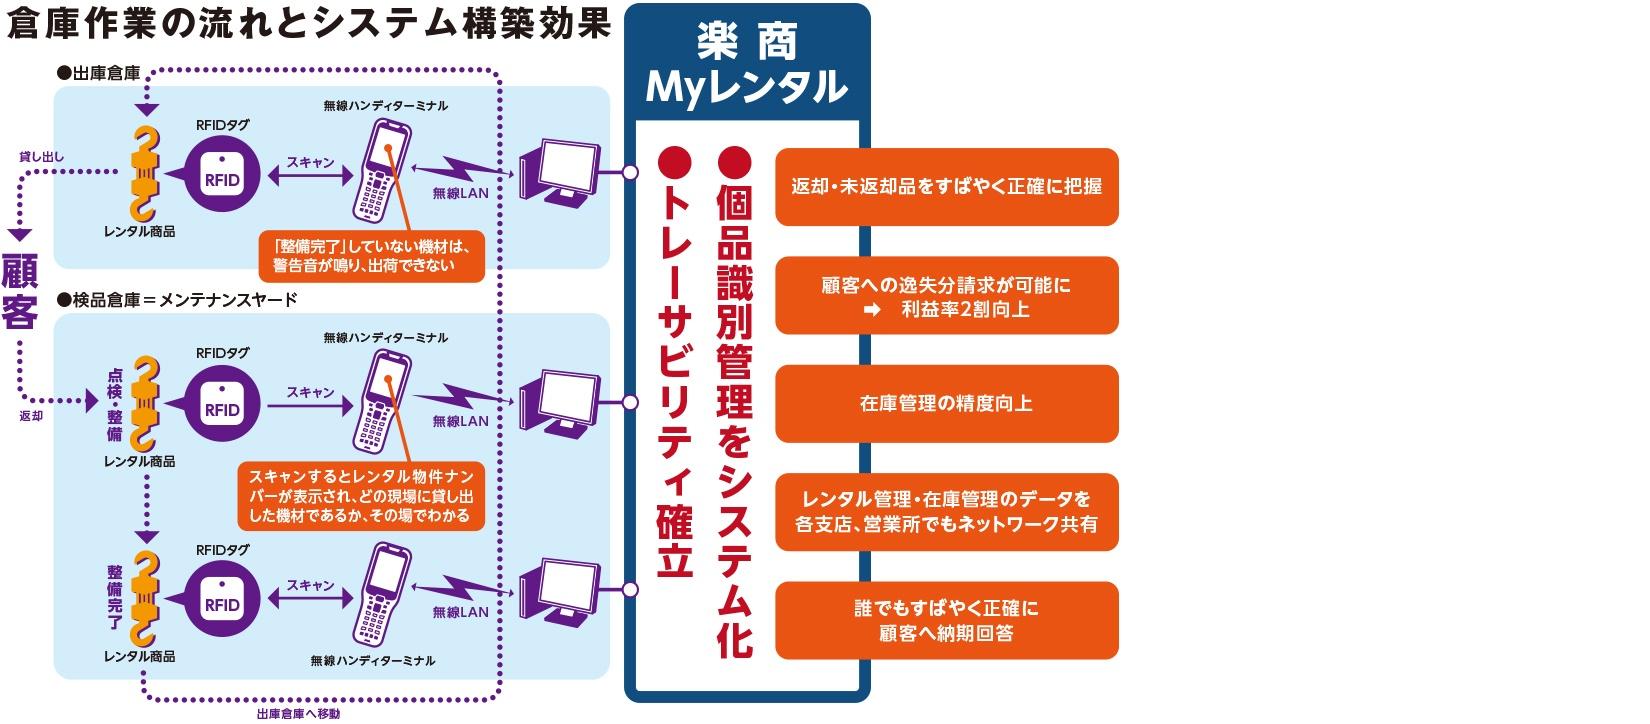 倉庫作業の流れとシステム構築効果